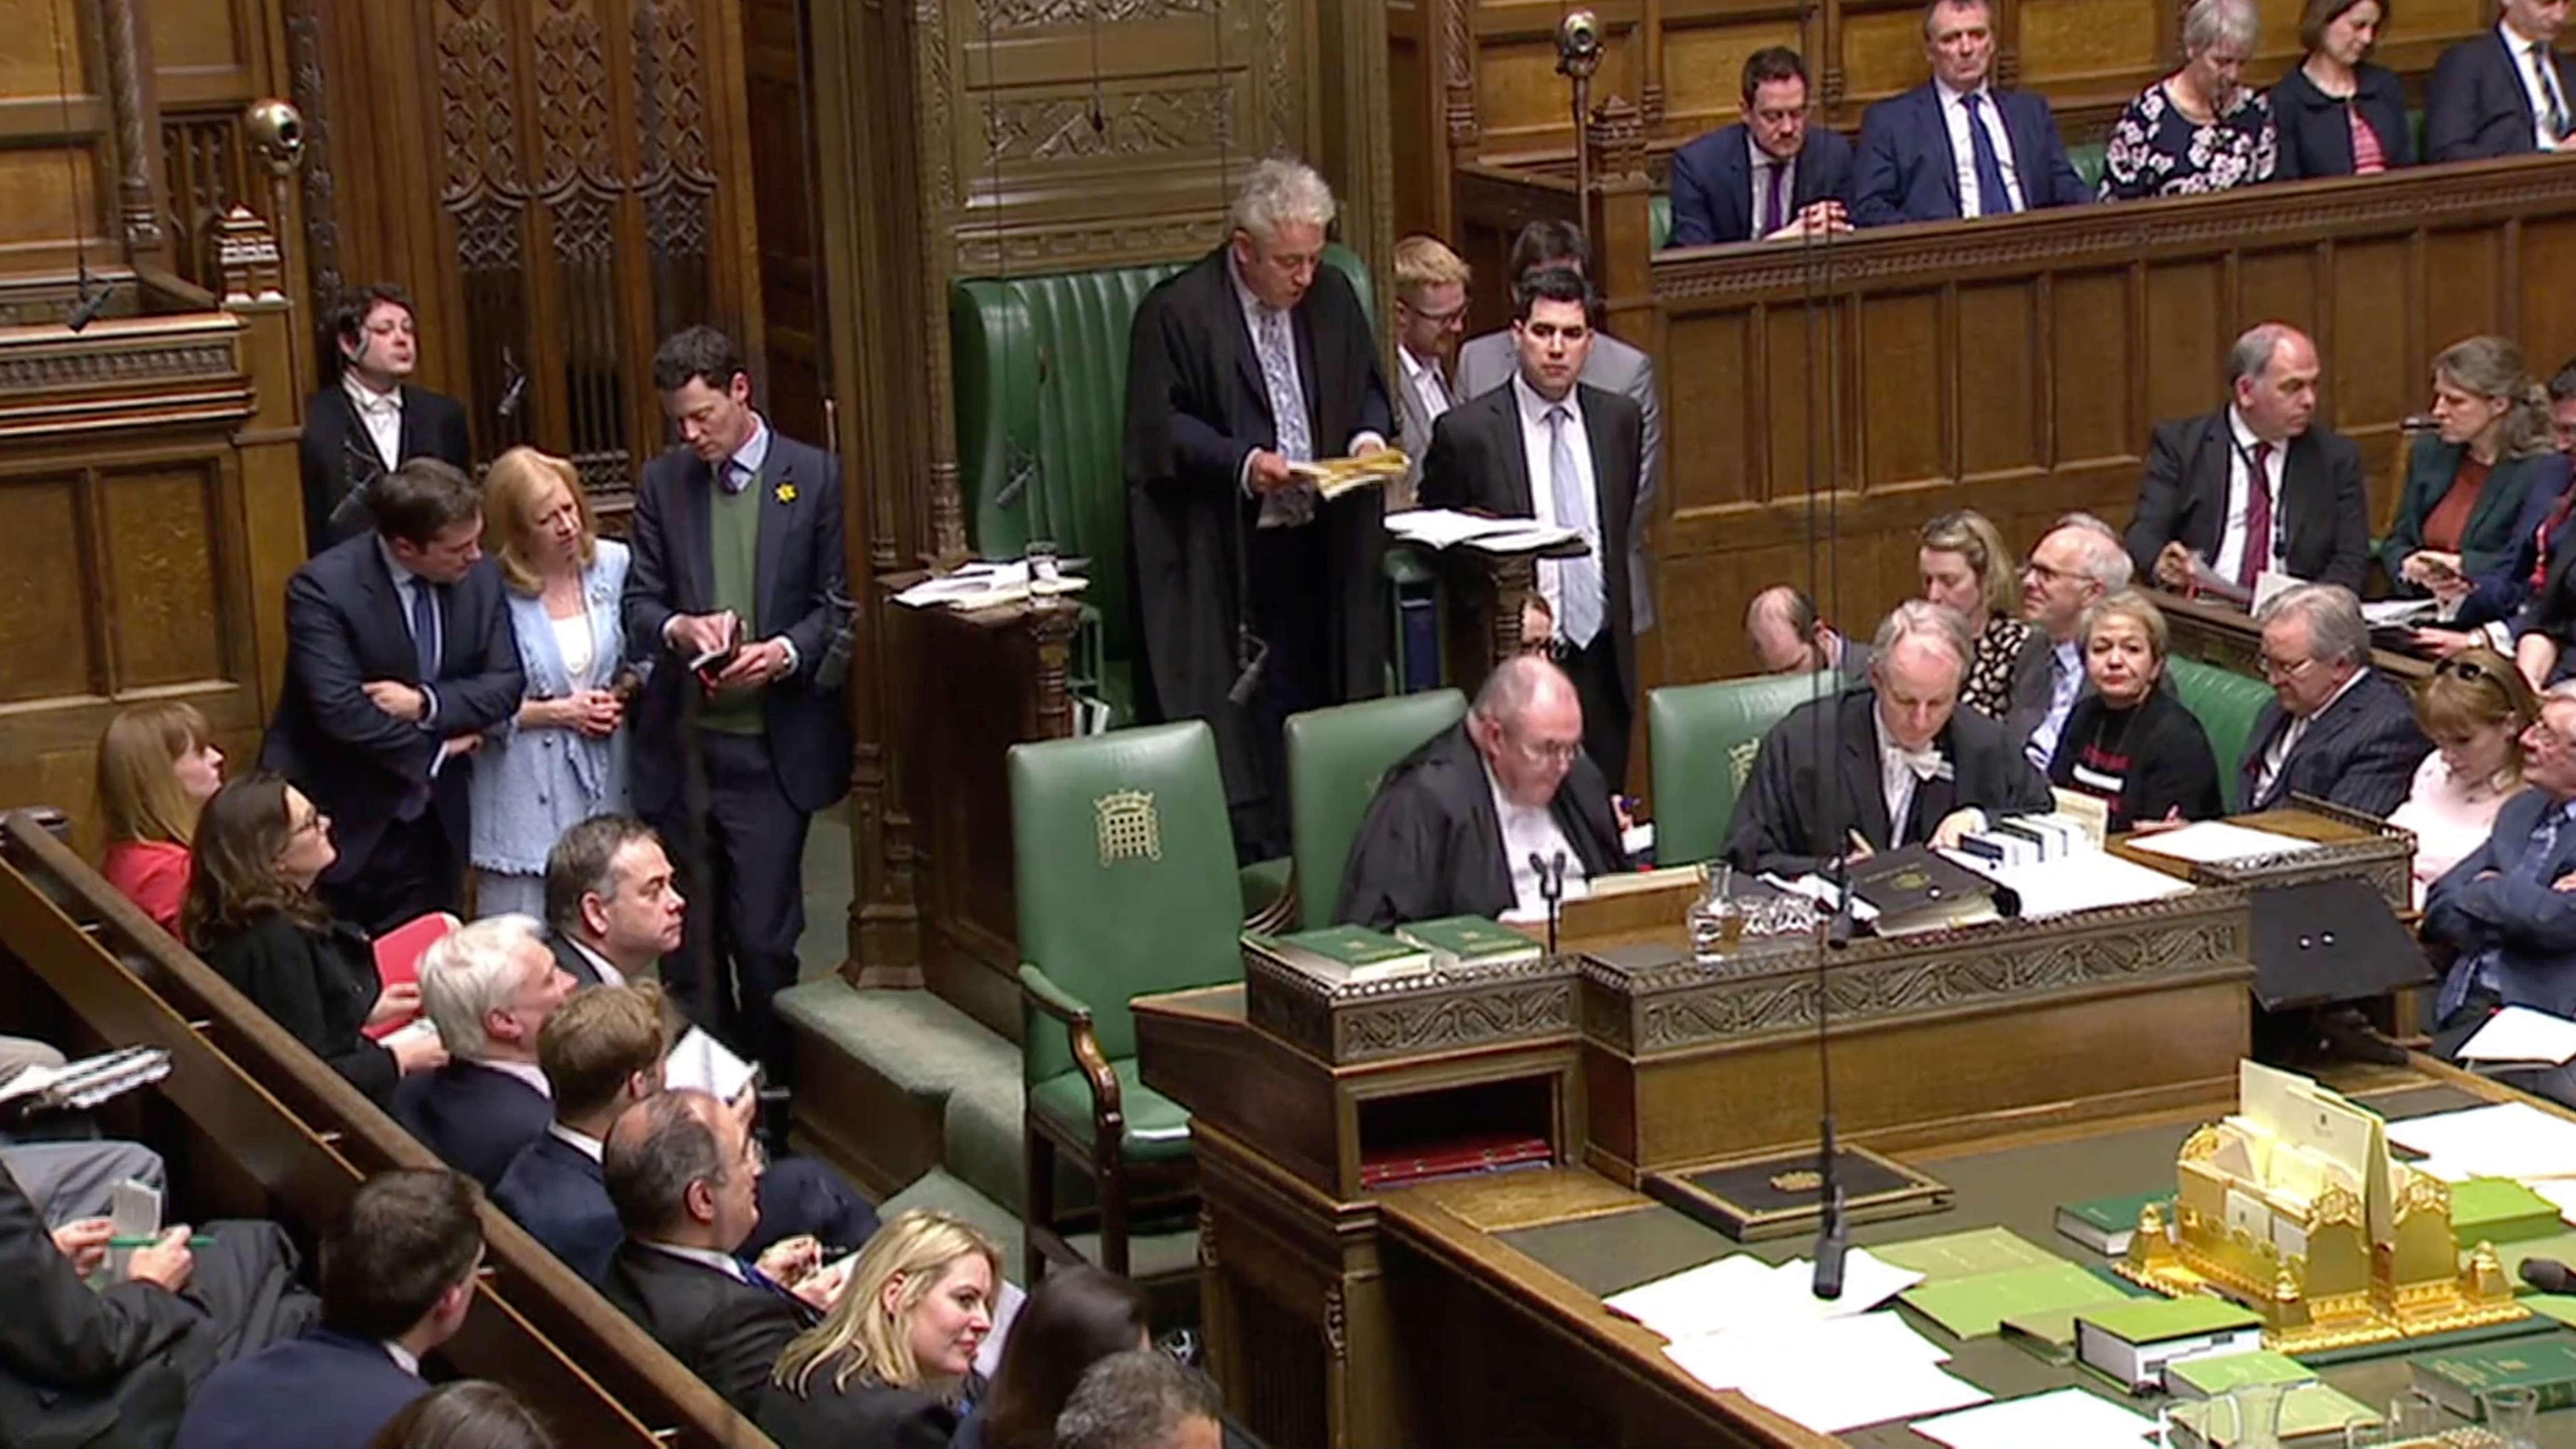 Speaker John Bercow gibt im Unterhaus Abstimmungsergebnisse bekannt